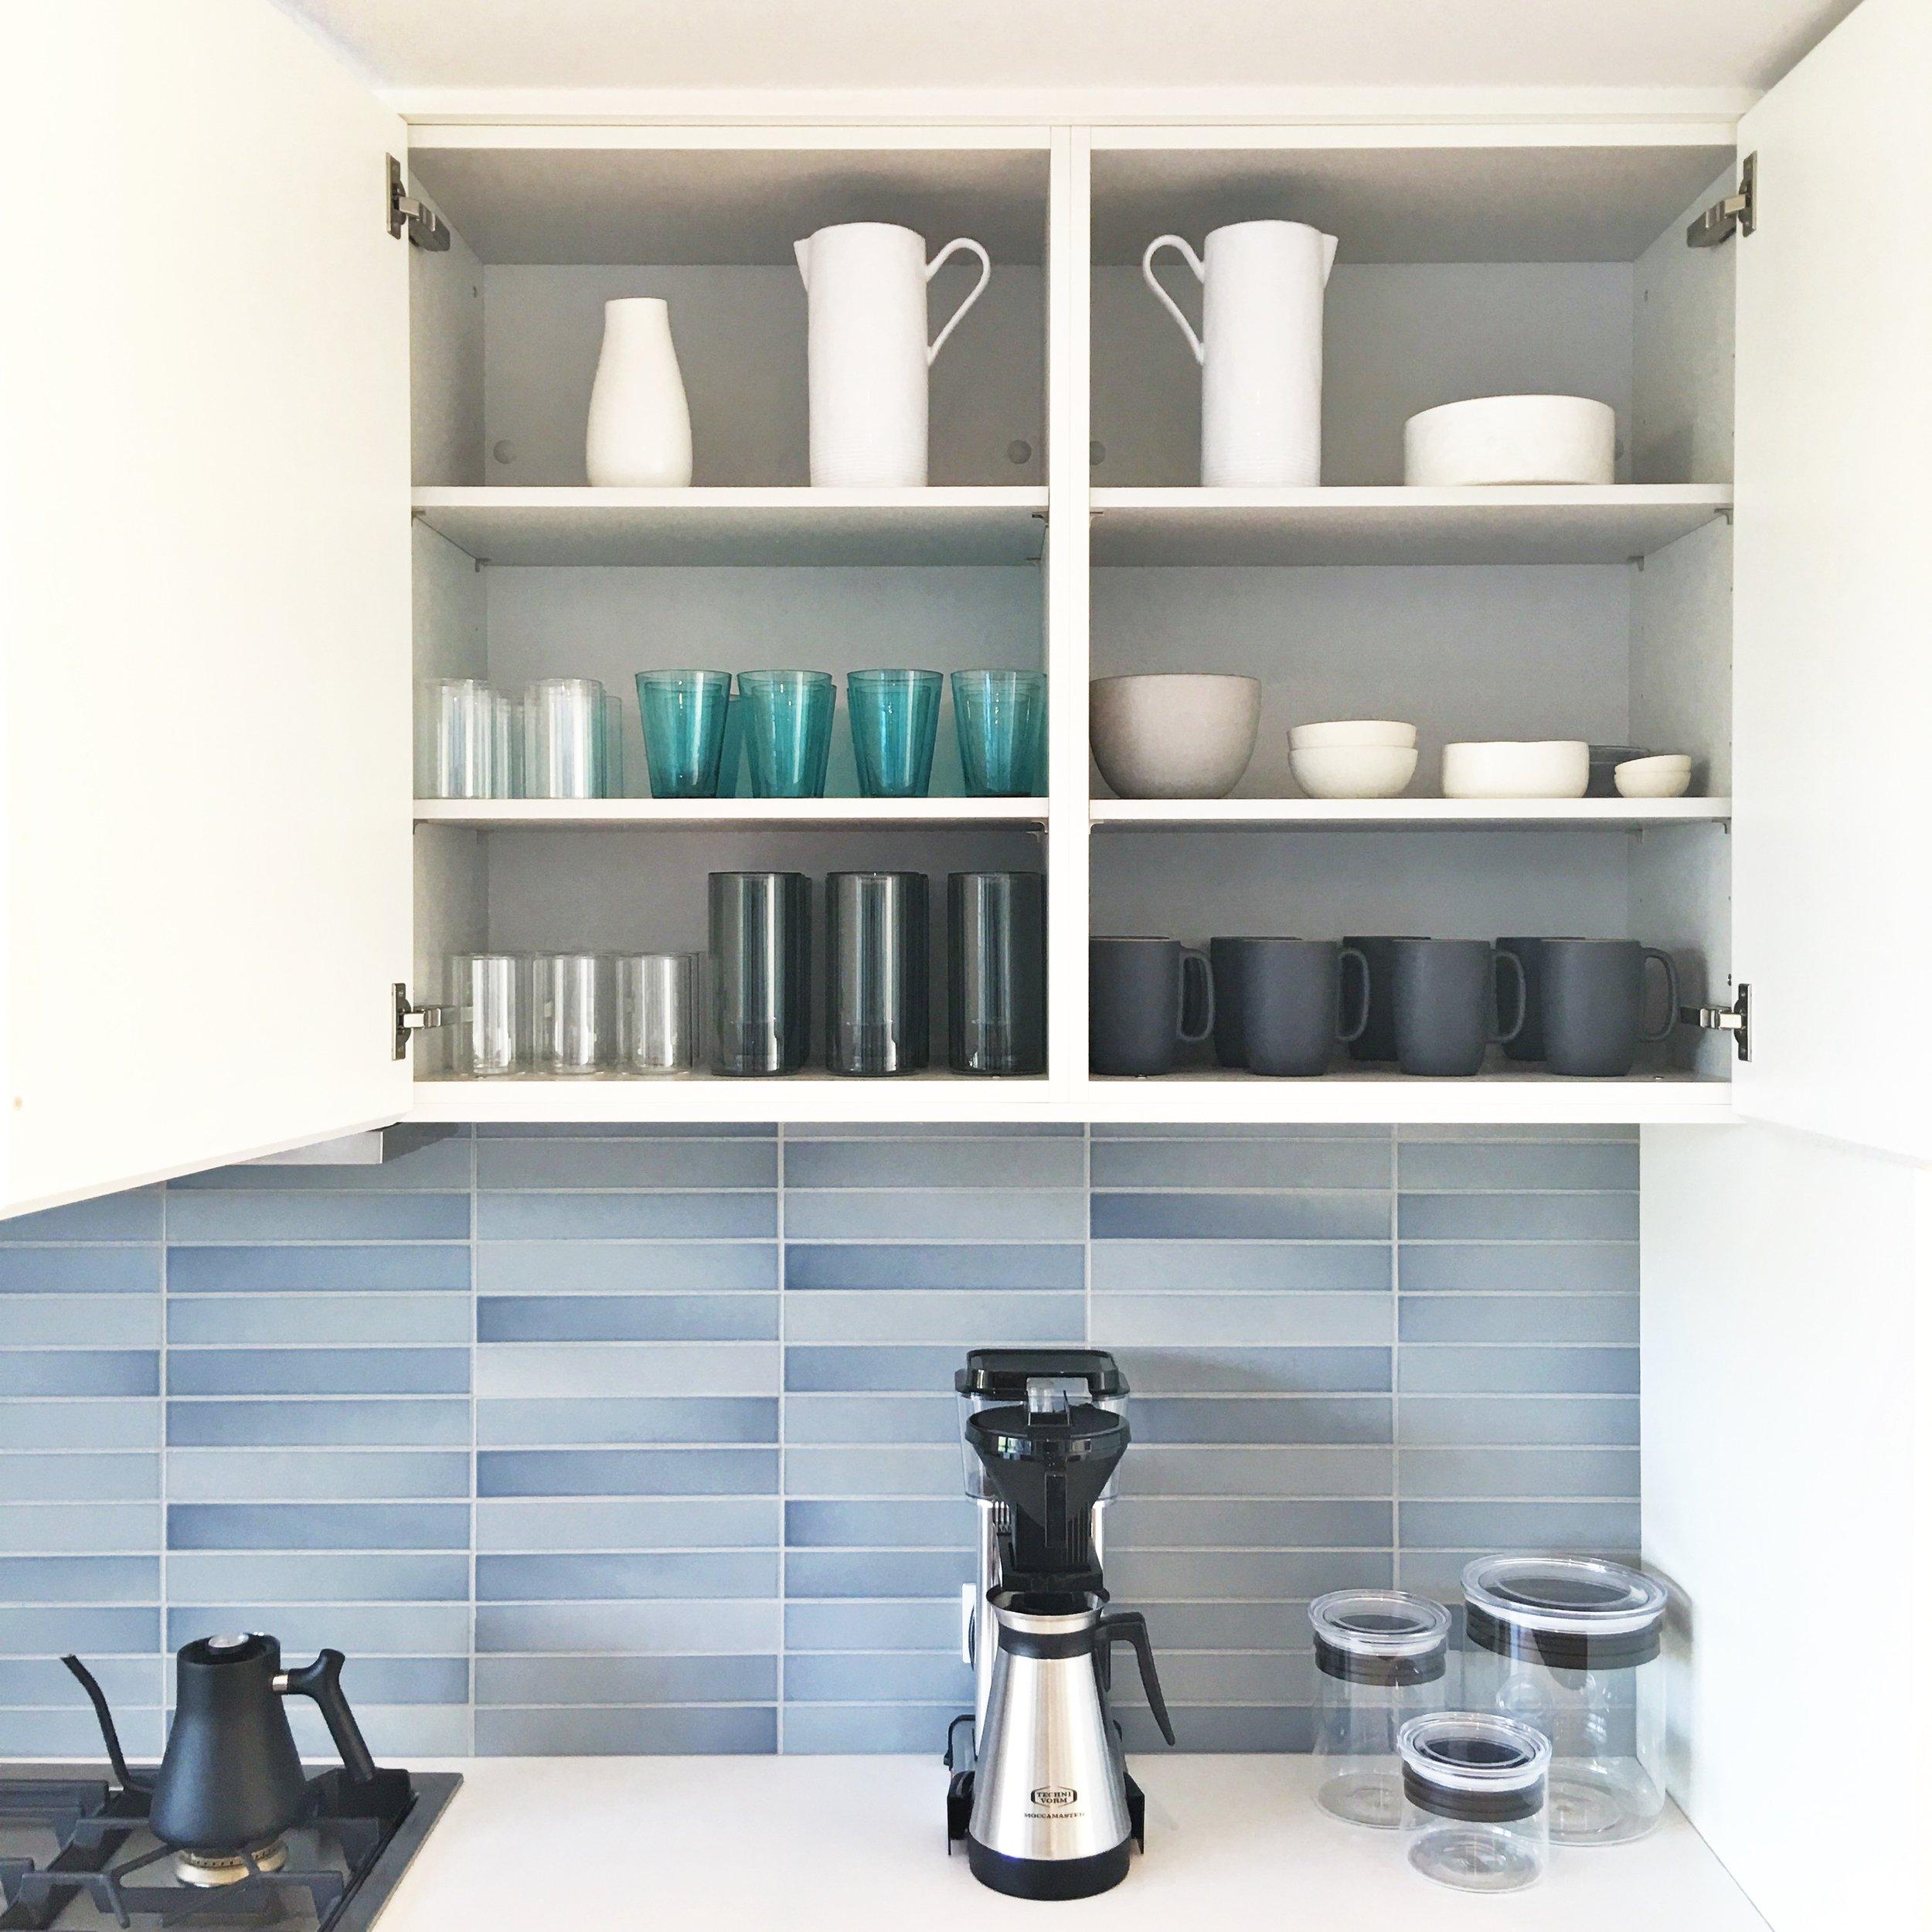 Amy kitchen cabinet.JPG